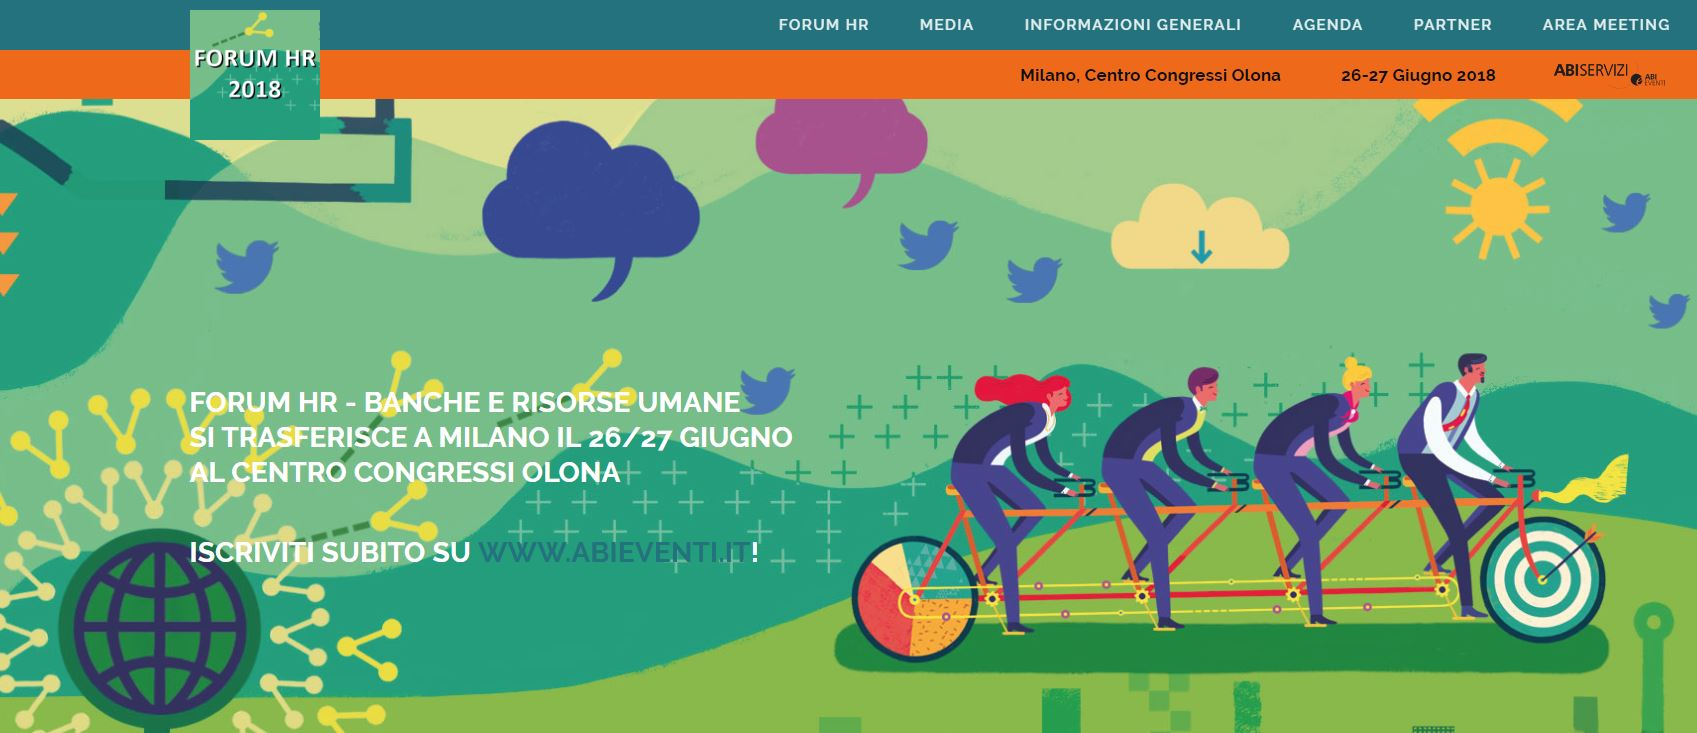 Forum Hr Banche E Risorse Umane 2018 Milano Programma